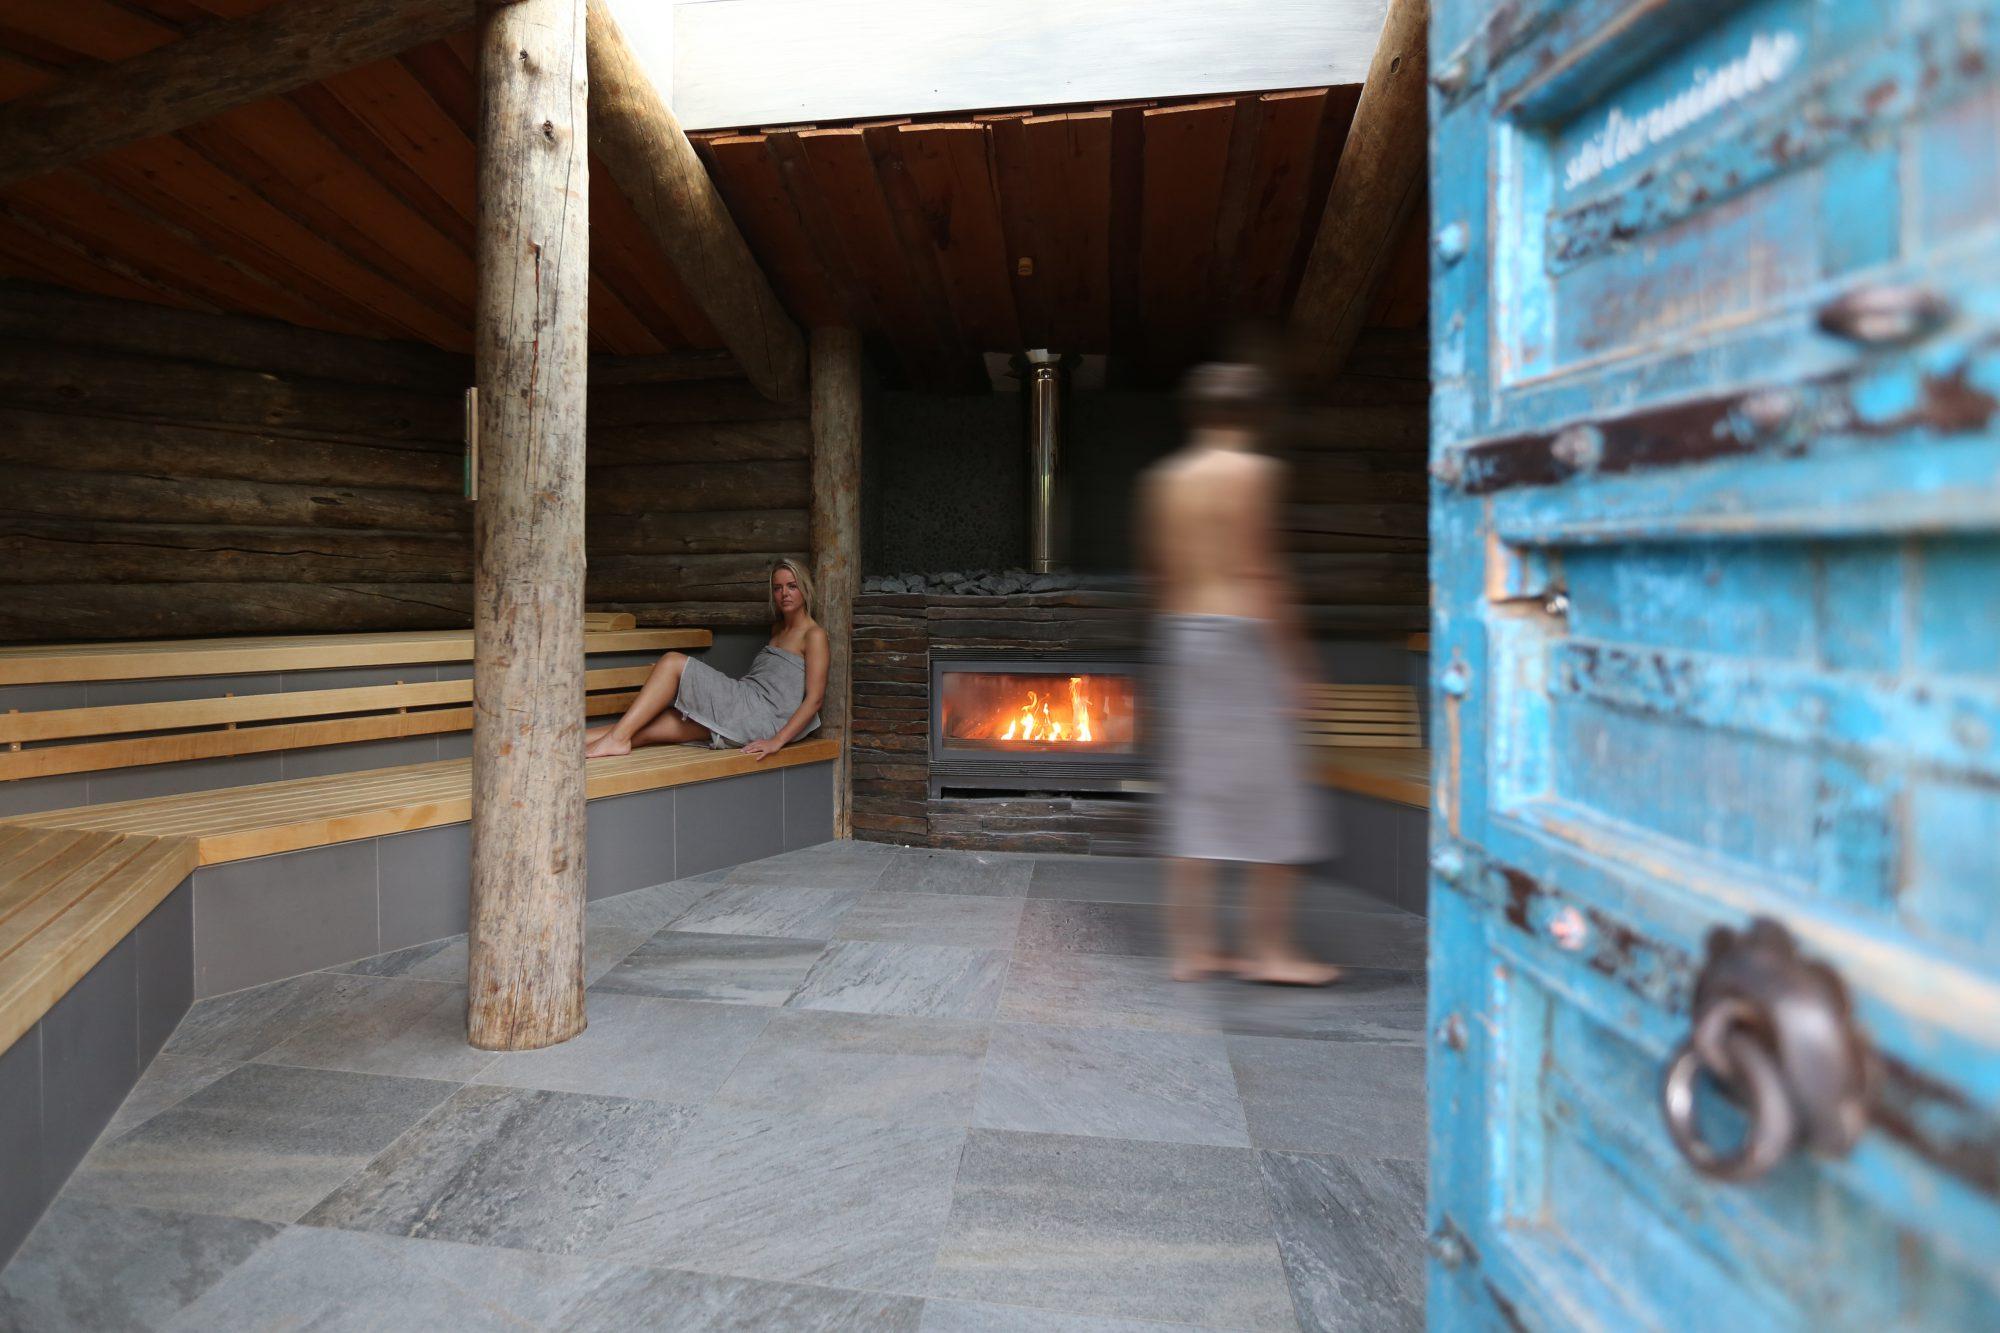 Een van de mooiste sauna's van Nederland is Fort Resort Beemster gelegen op slechts 20 minuten van Amsterdam. Een bijzondere spa & wellness met hotel.